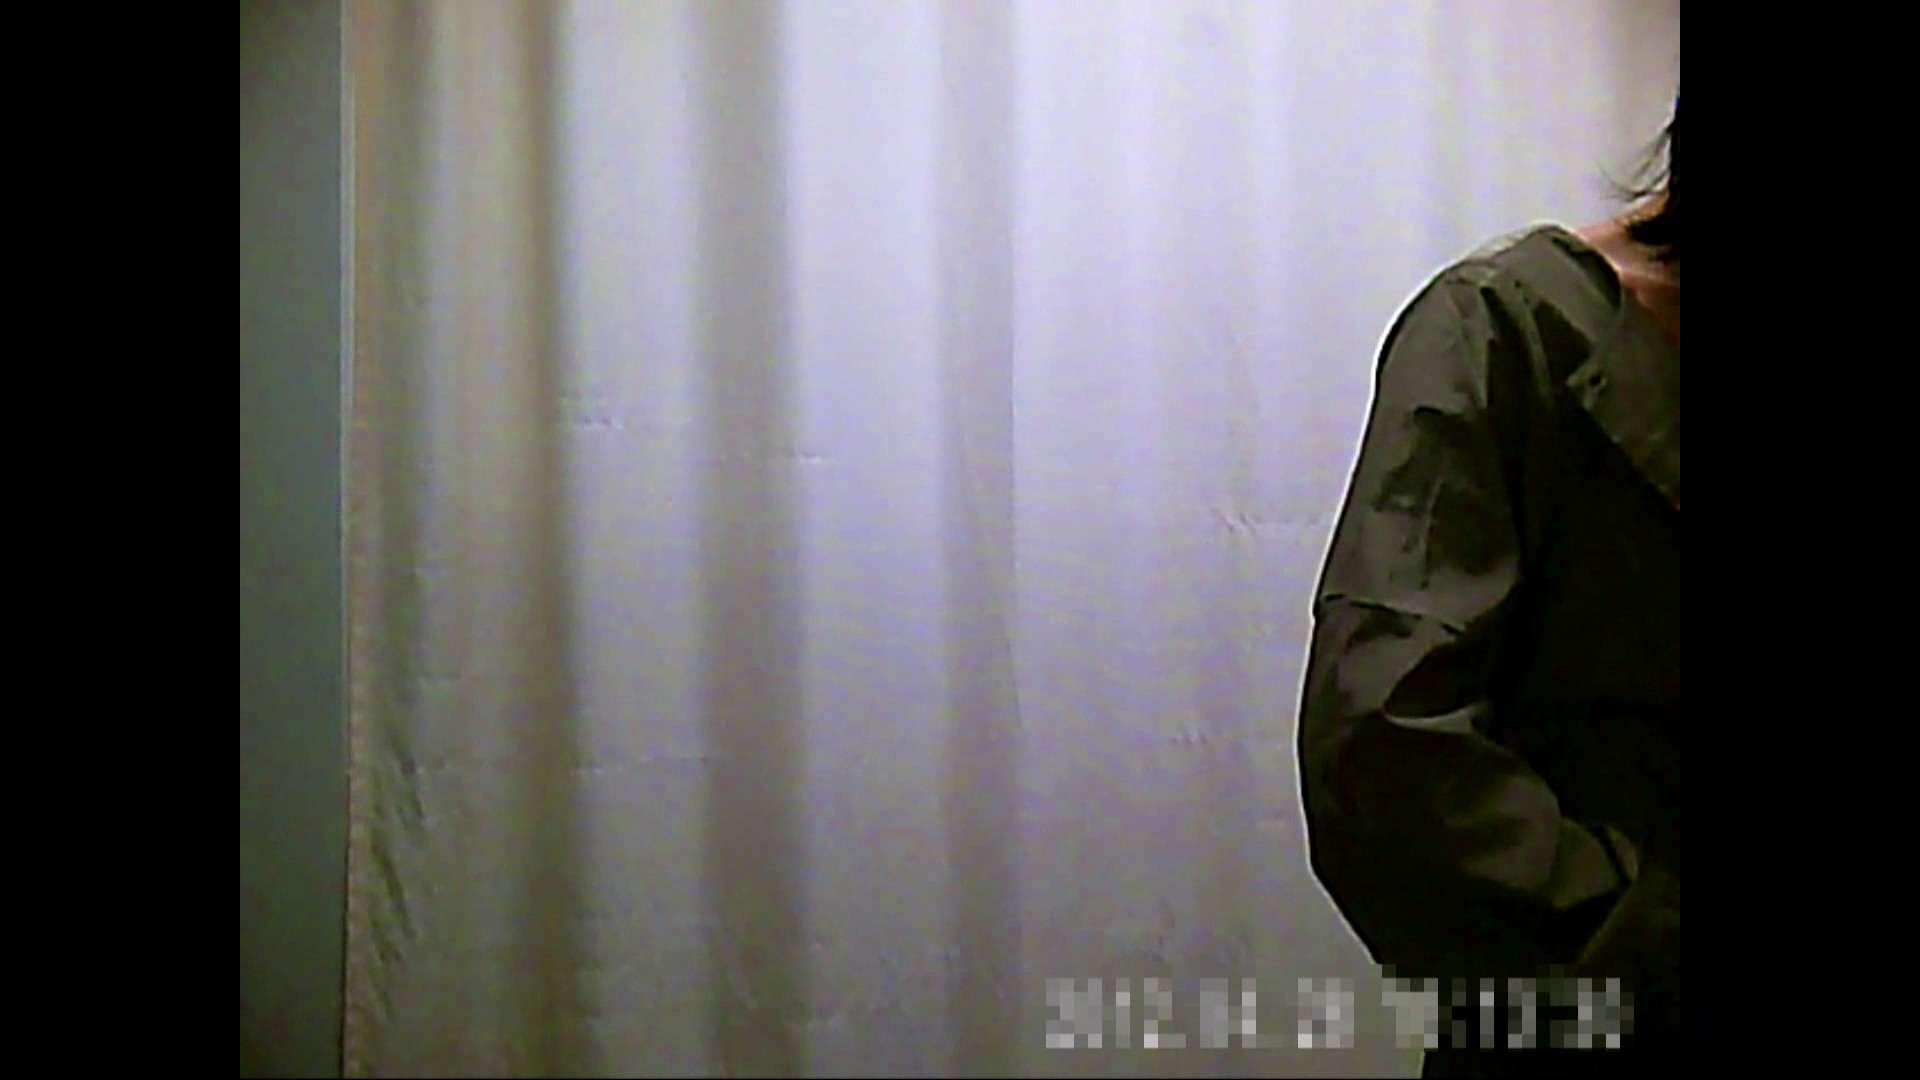 元医者による反抗 更衣室地獄絵巻 vol.004 OL | 0  84連発 52